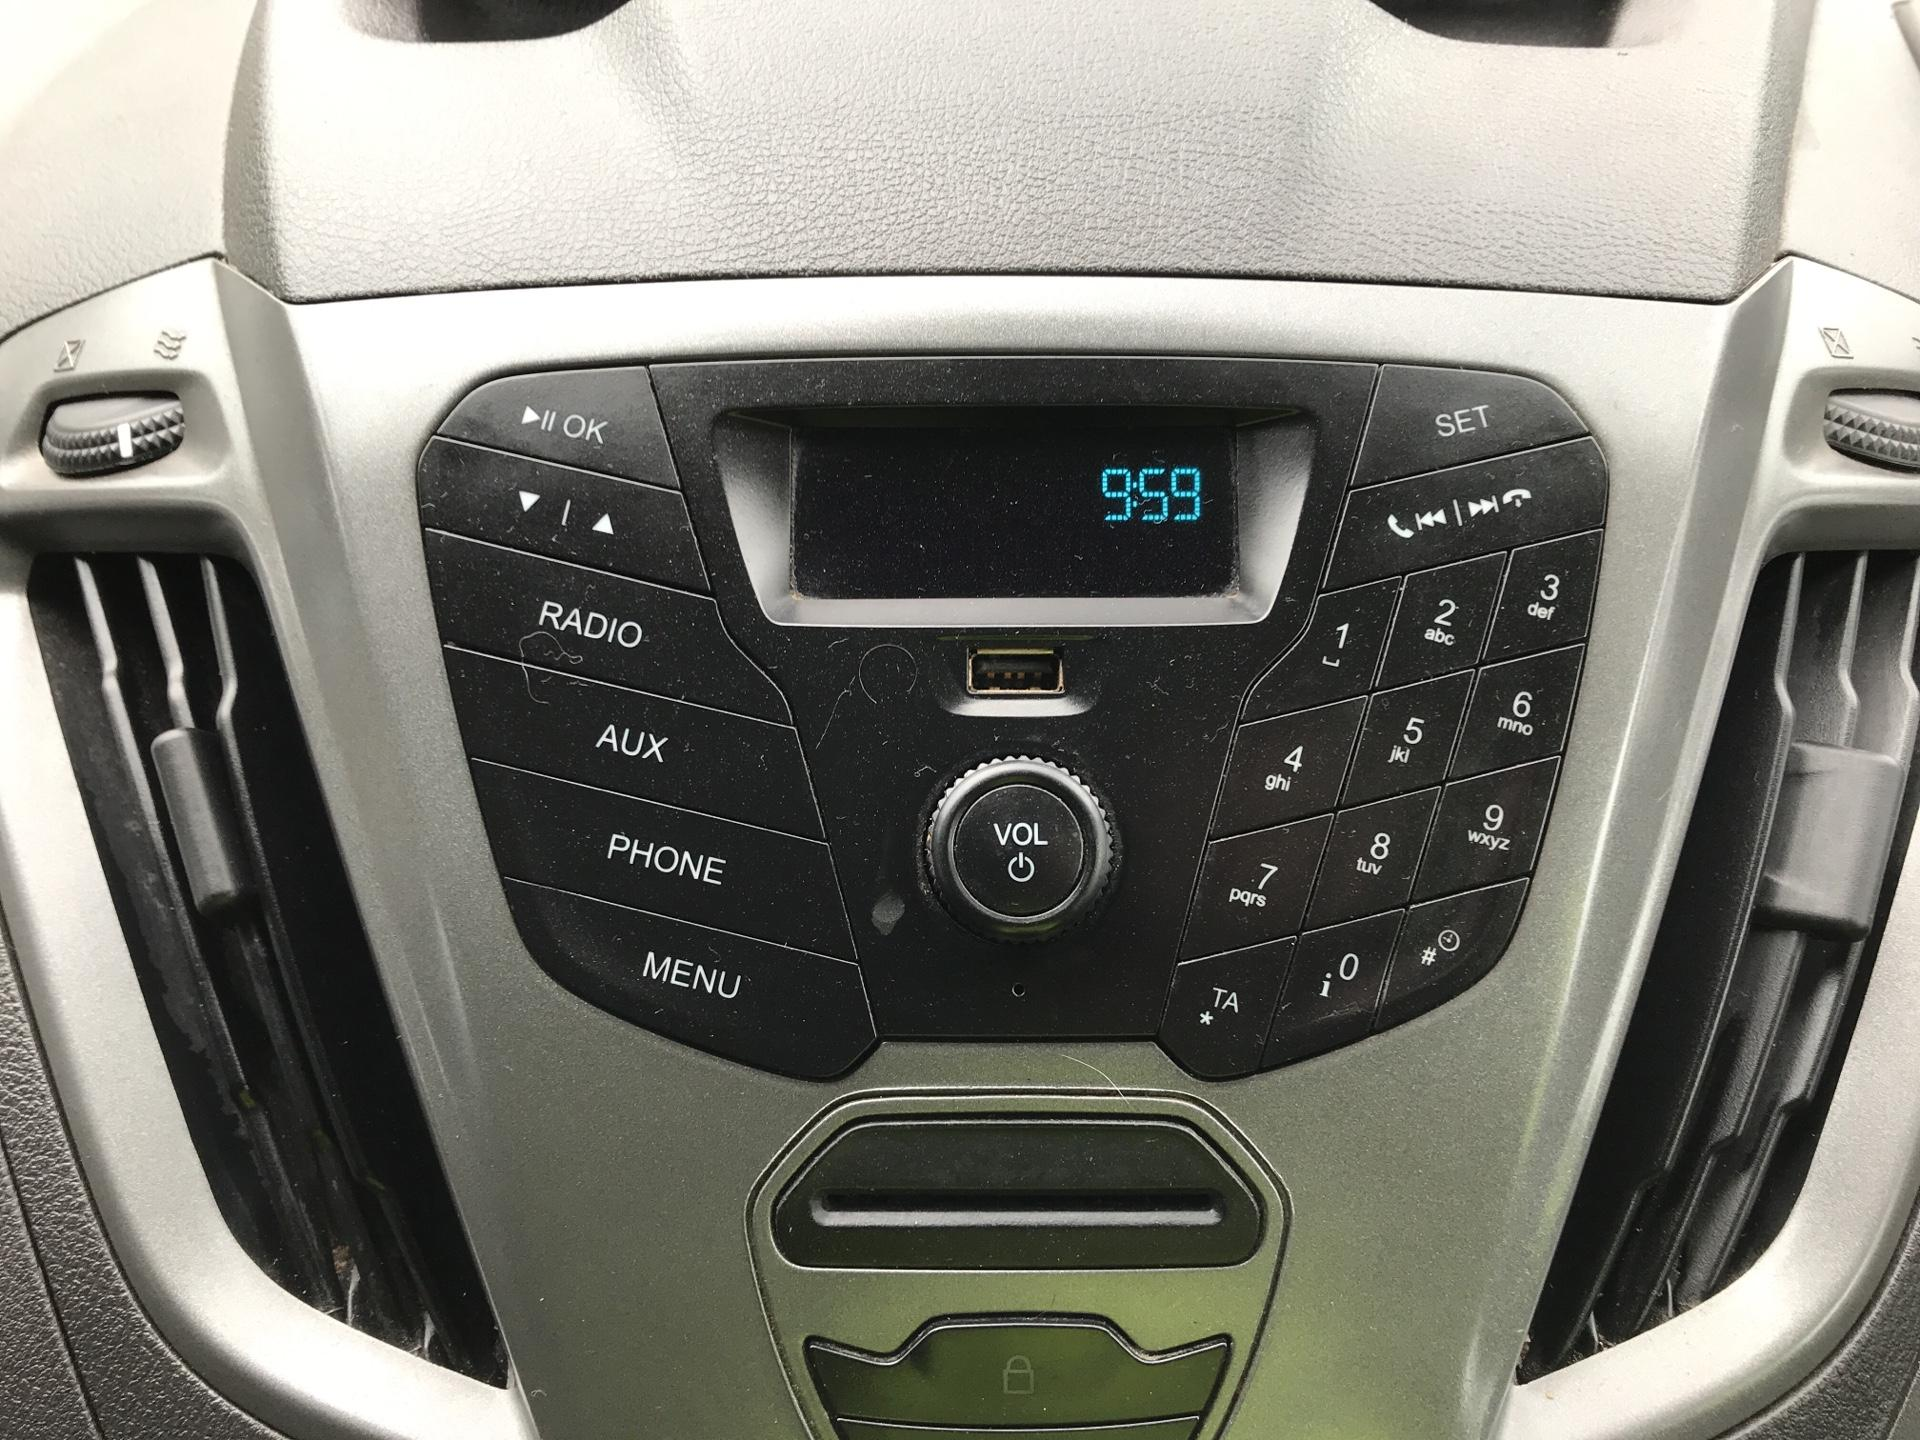 2017 Ford Transit Custom 290 L1 DIESEL FWD 2.0 TDCI 105PS LOW ROOF VAN EURO 6 (FL17VMF) Image 10